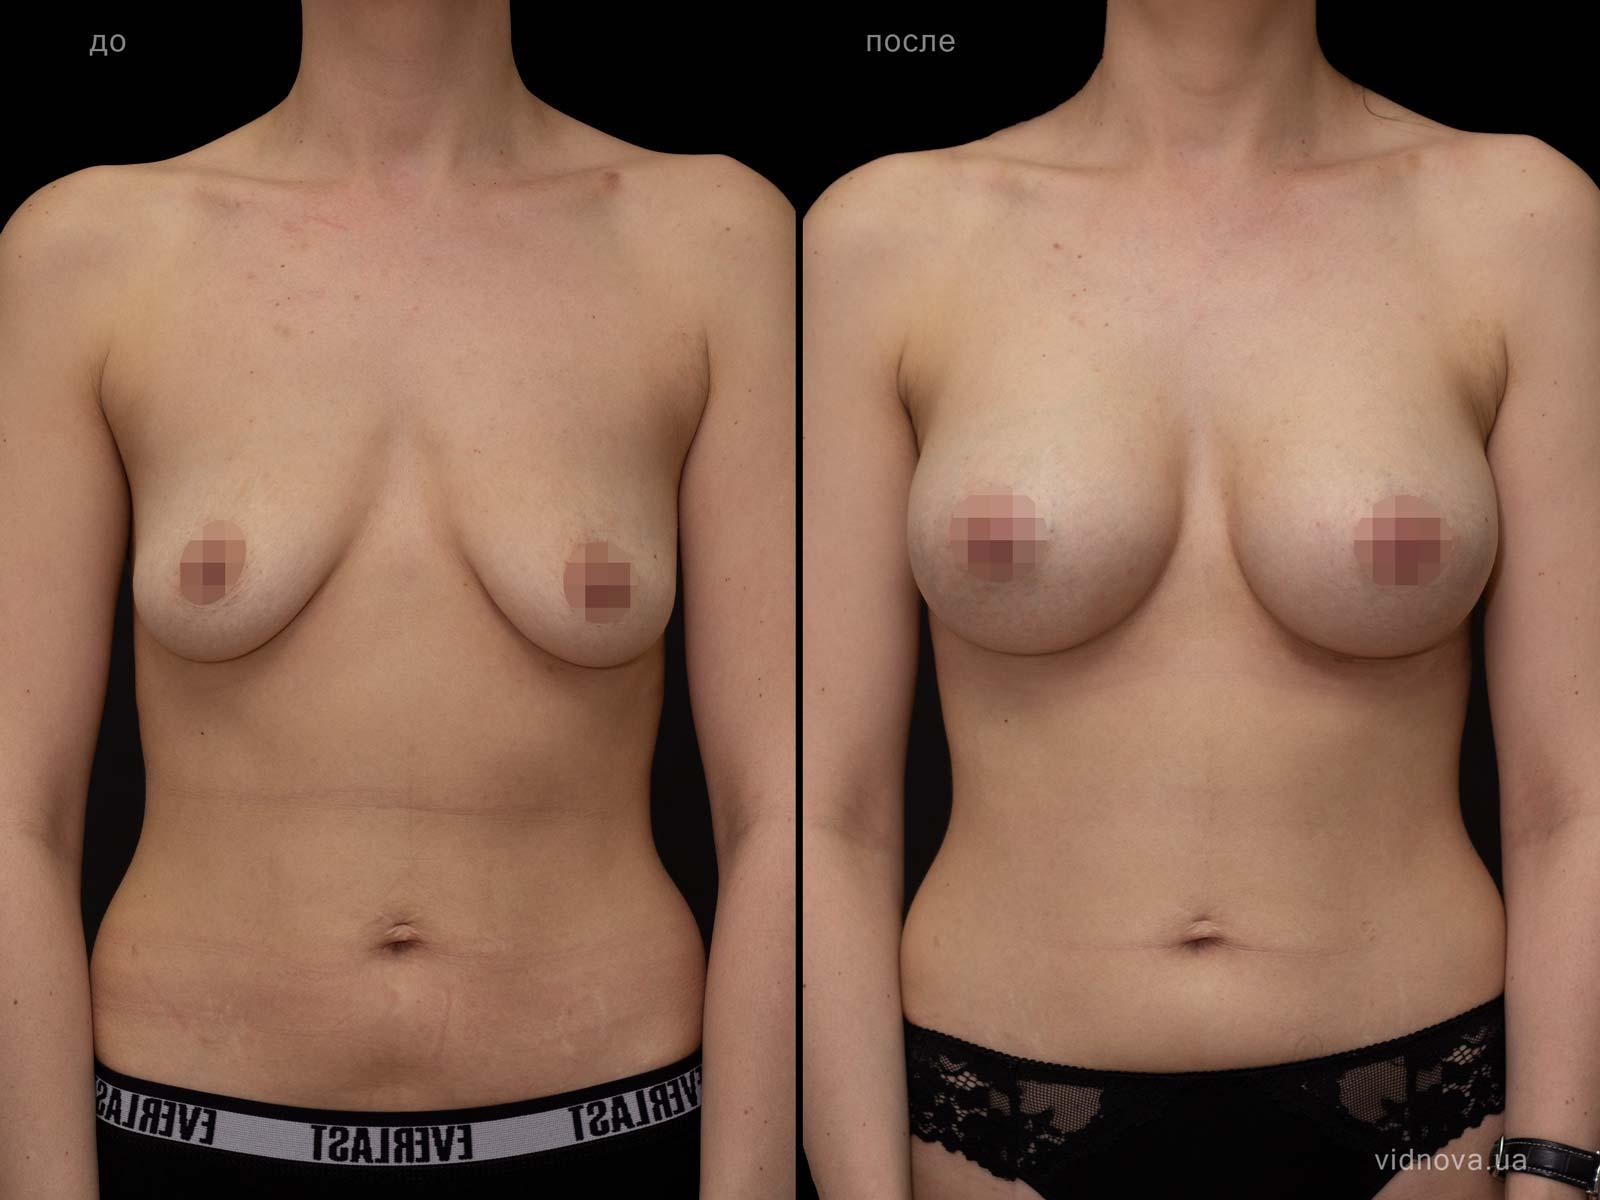 Пластика груди: результаты до и после - Пример №93-0 - Светлана Работенко